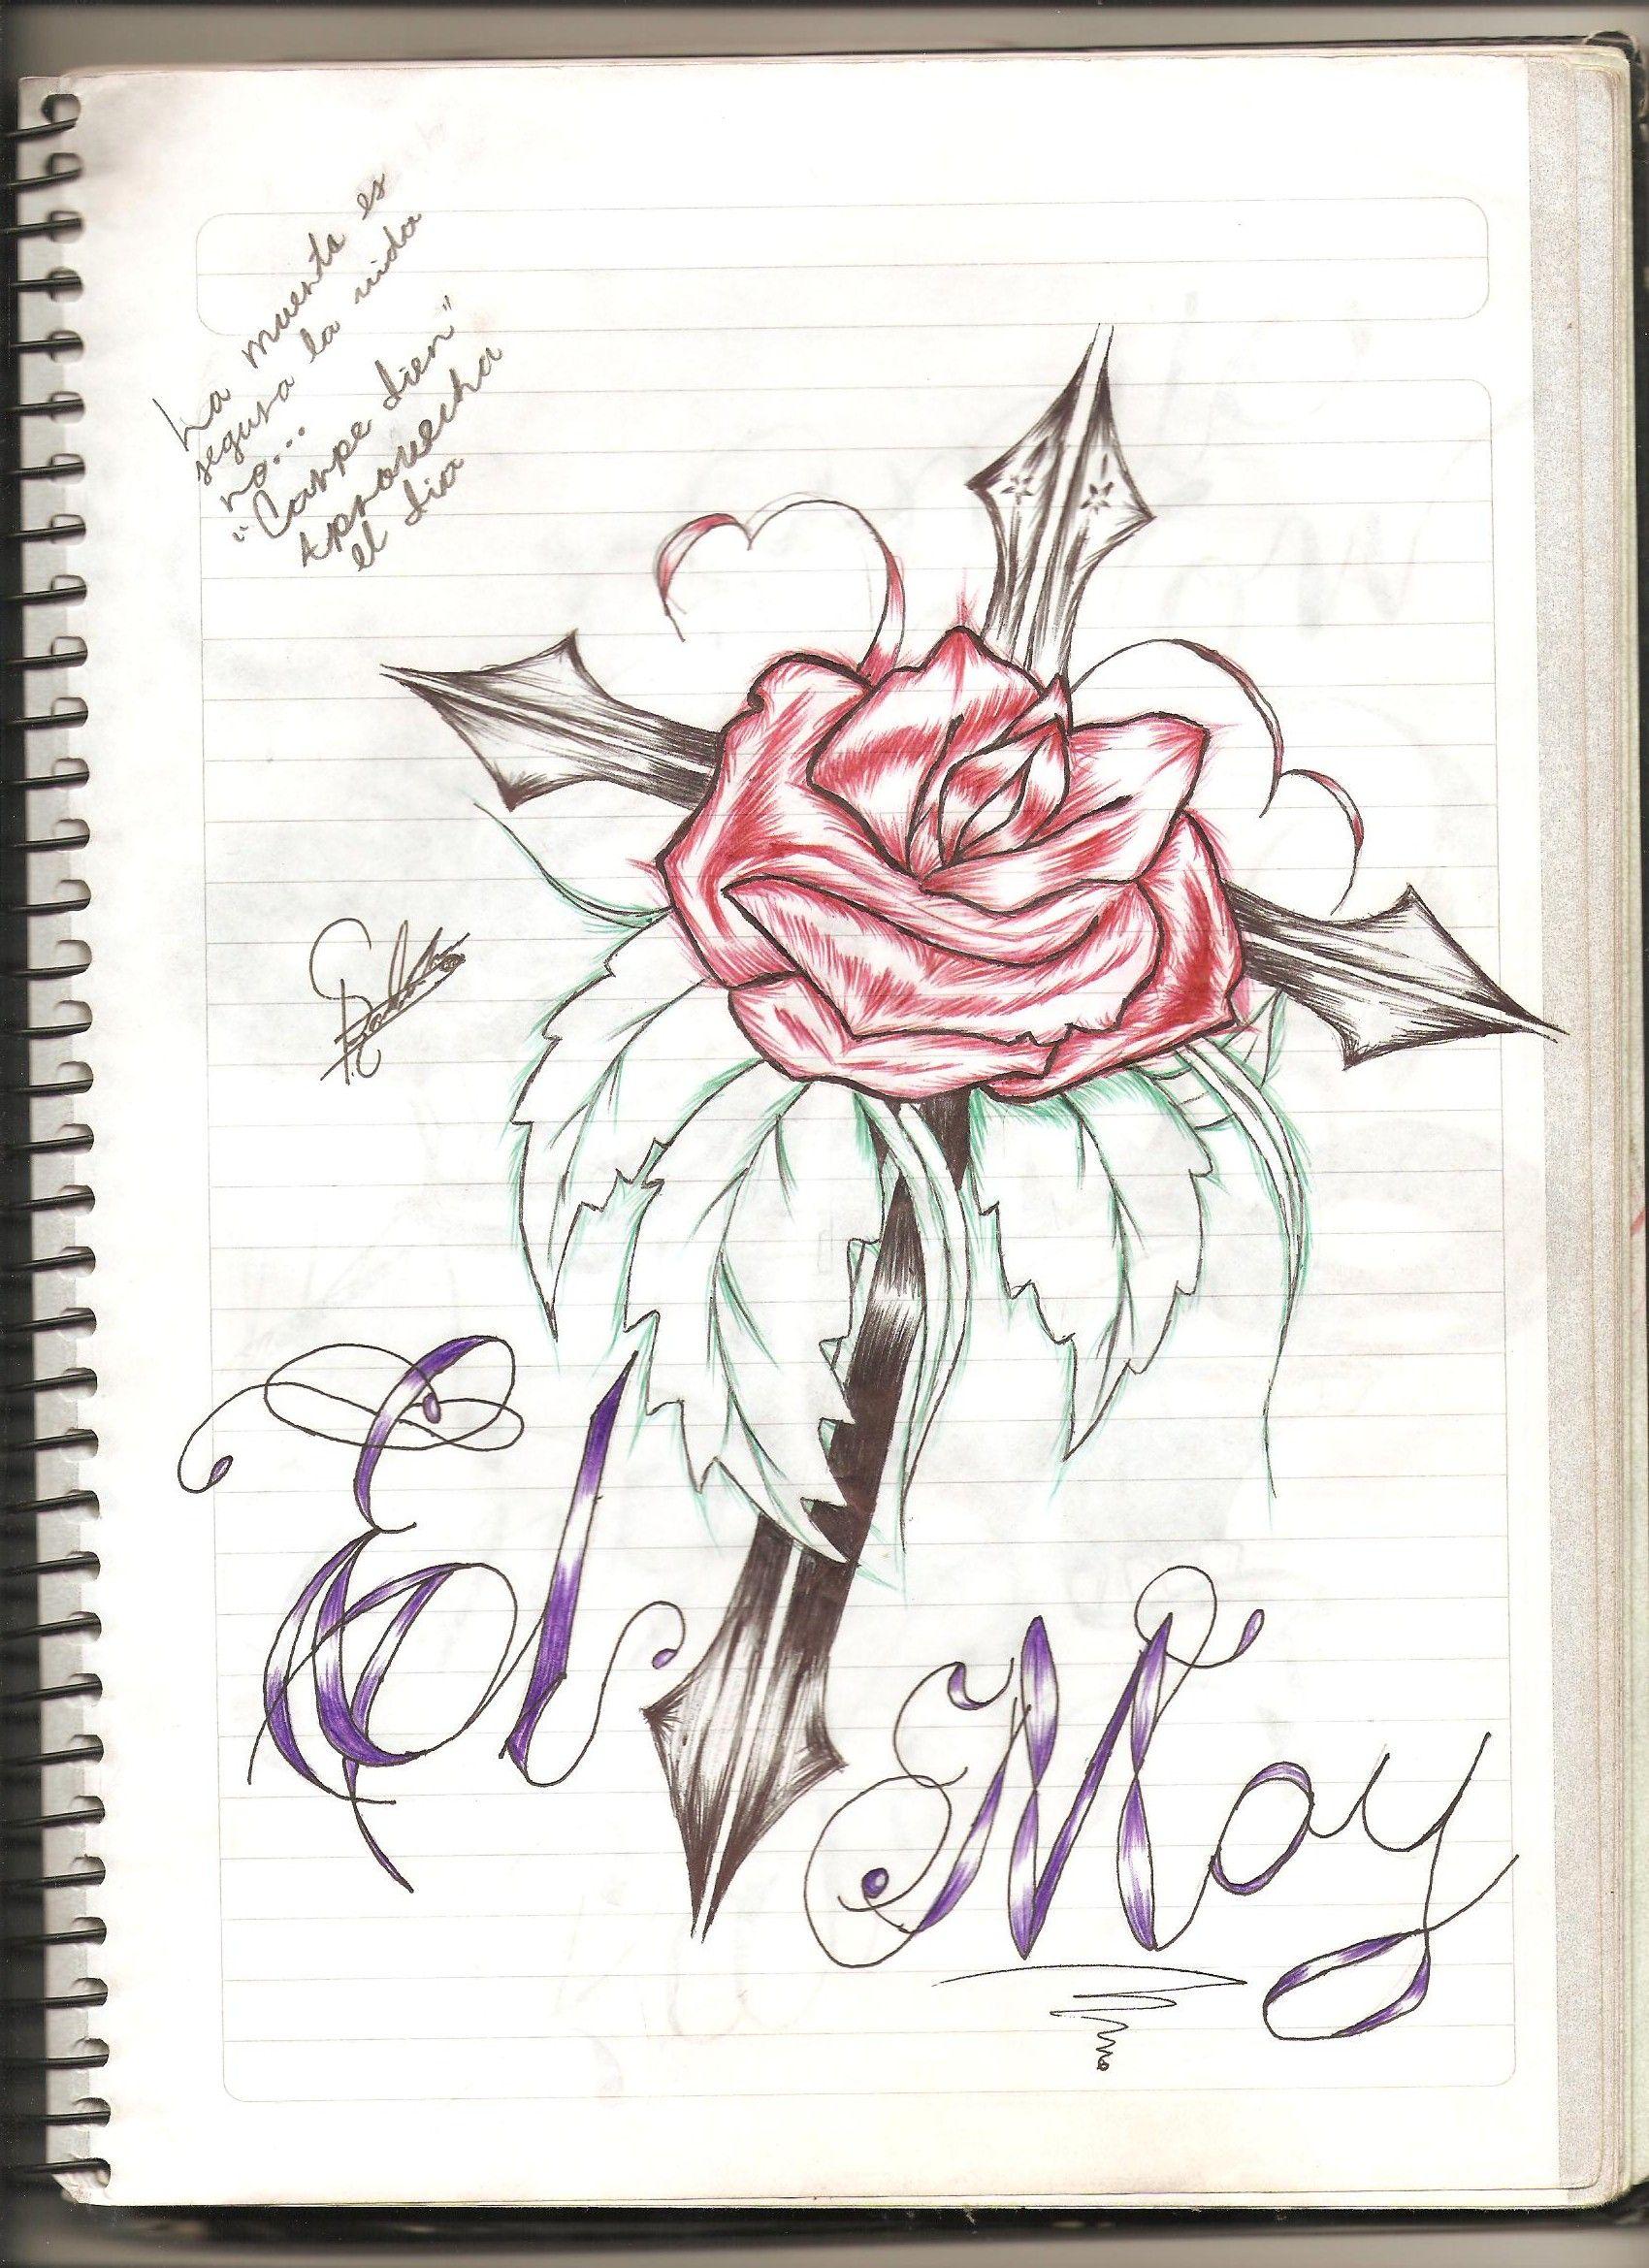 imágenes de amor para dibujar - : Yahoo Image Search Results